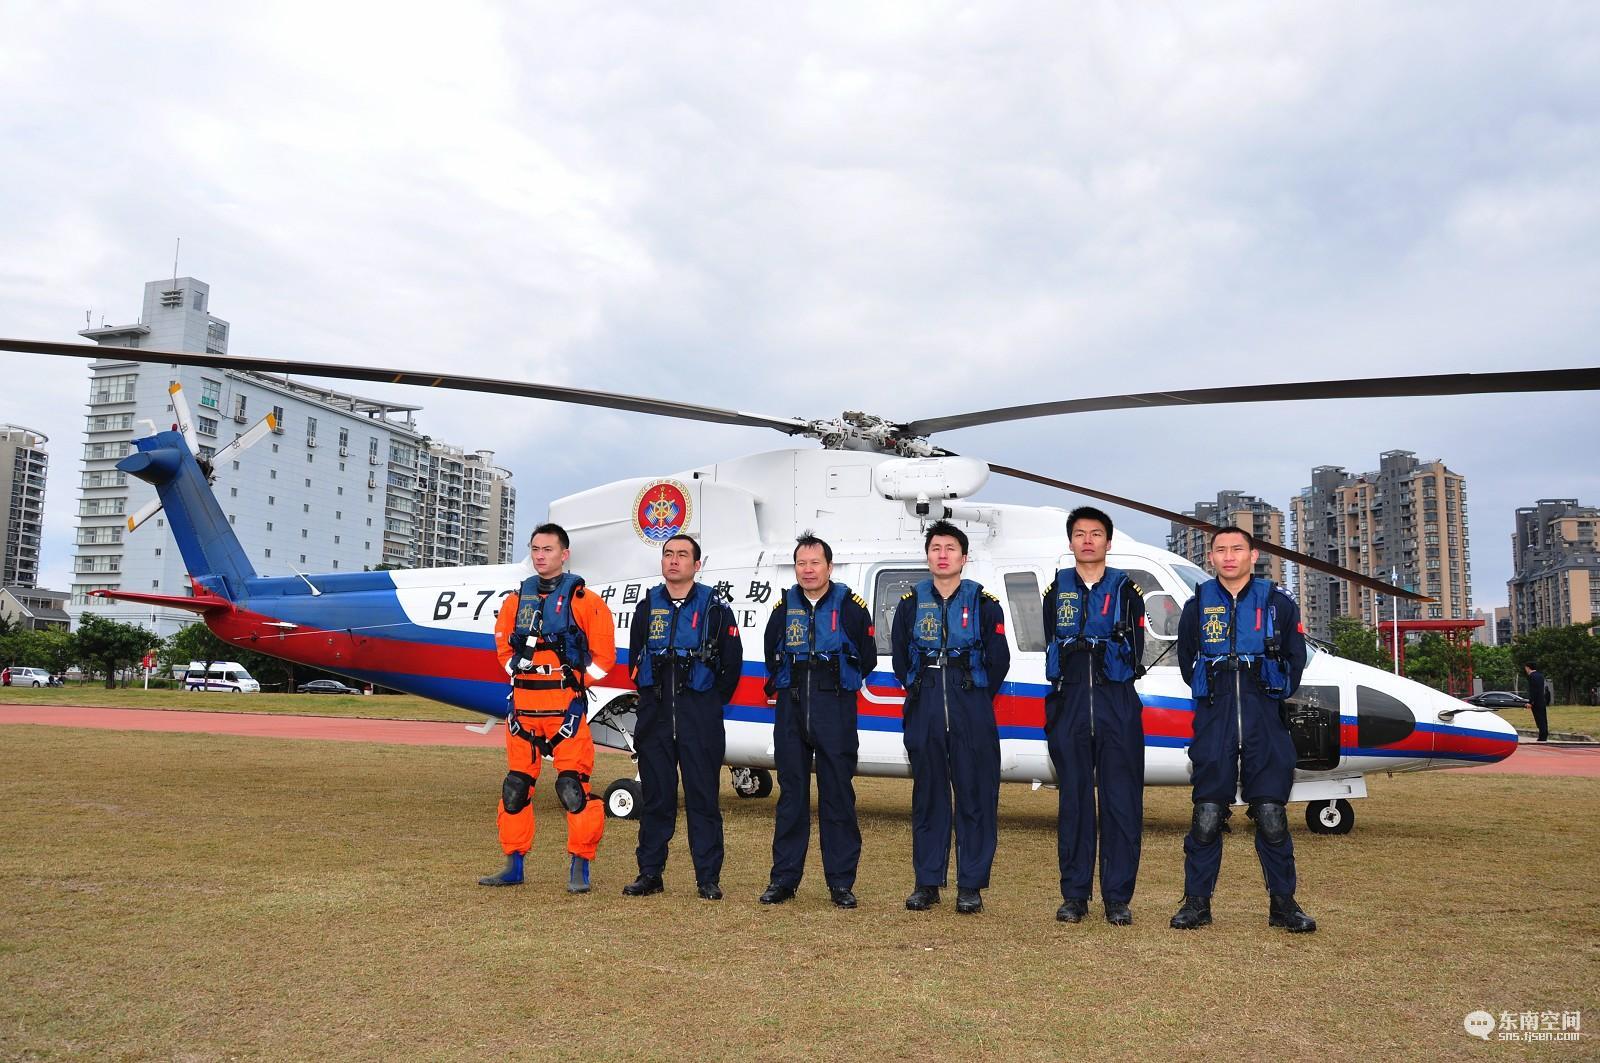 交通运输部福州飞行救助基地起降配套设施工程